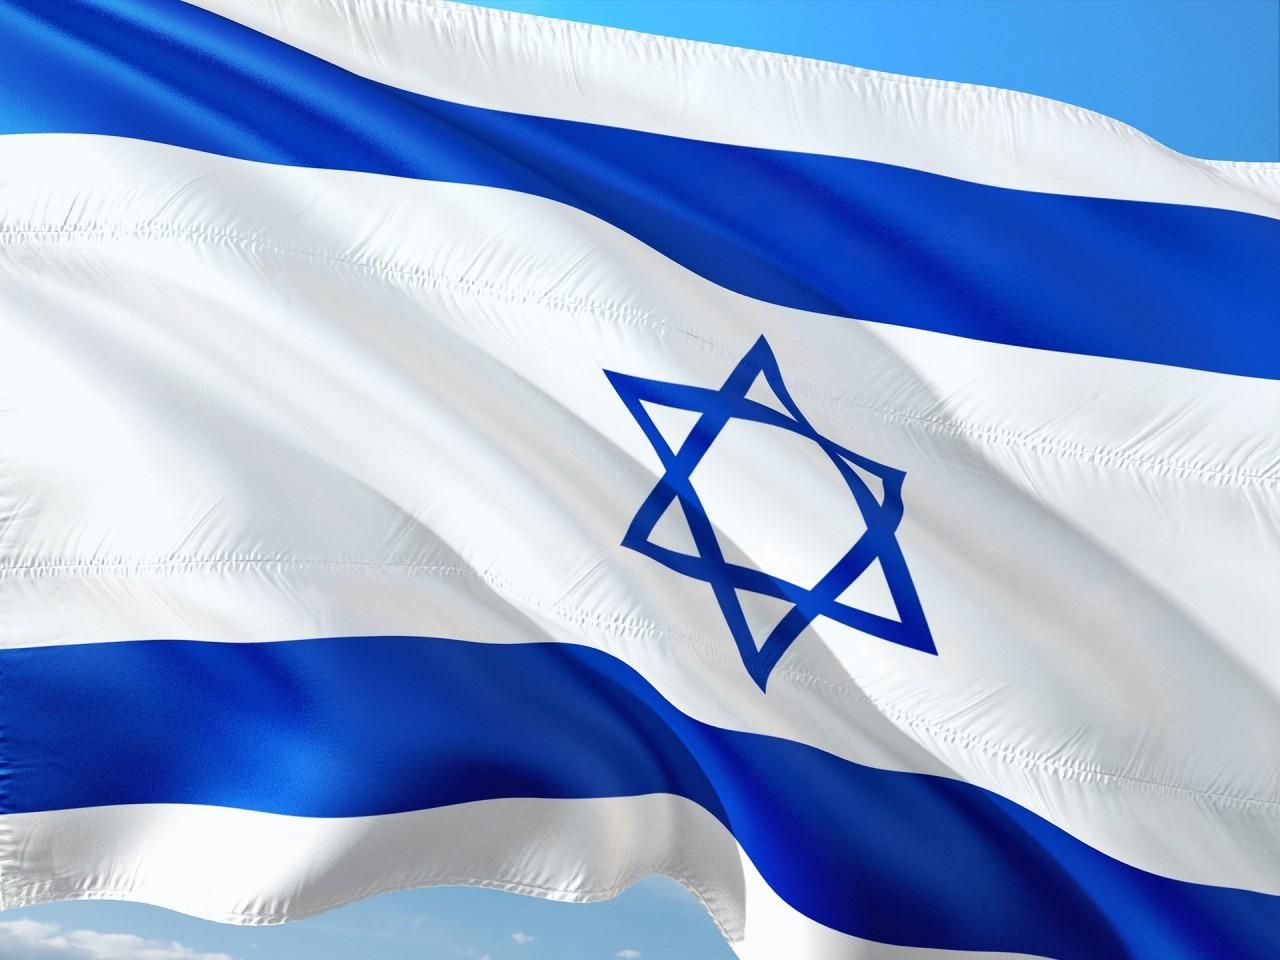 Freundschaft und Verantwortung – 70. Jahrestag der Gründung des Staates Israel